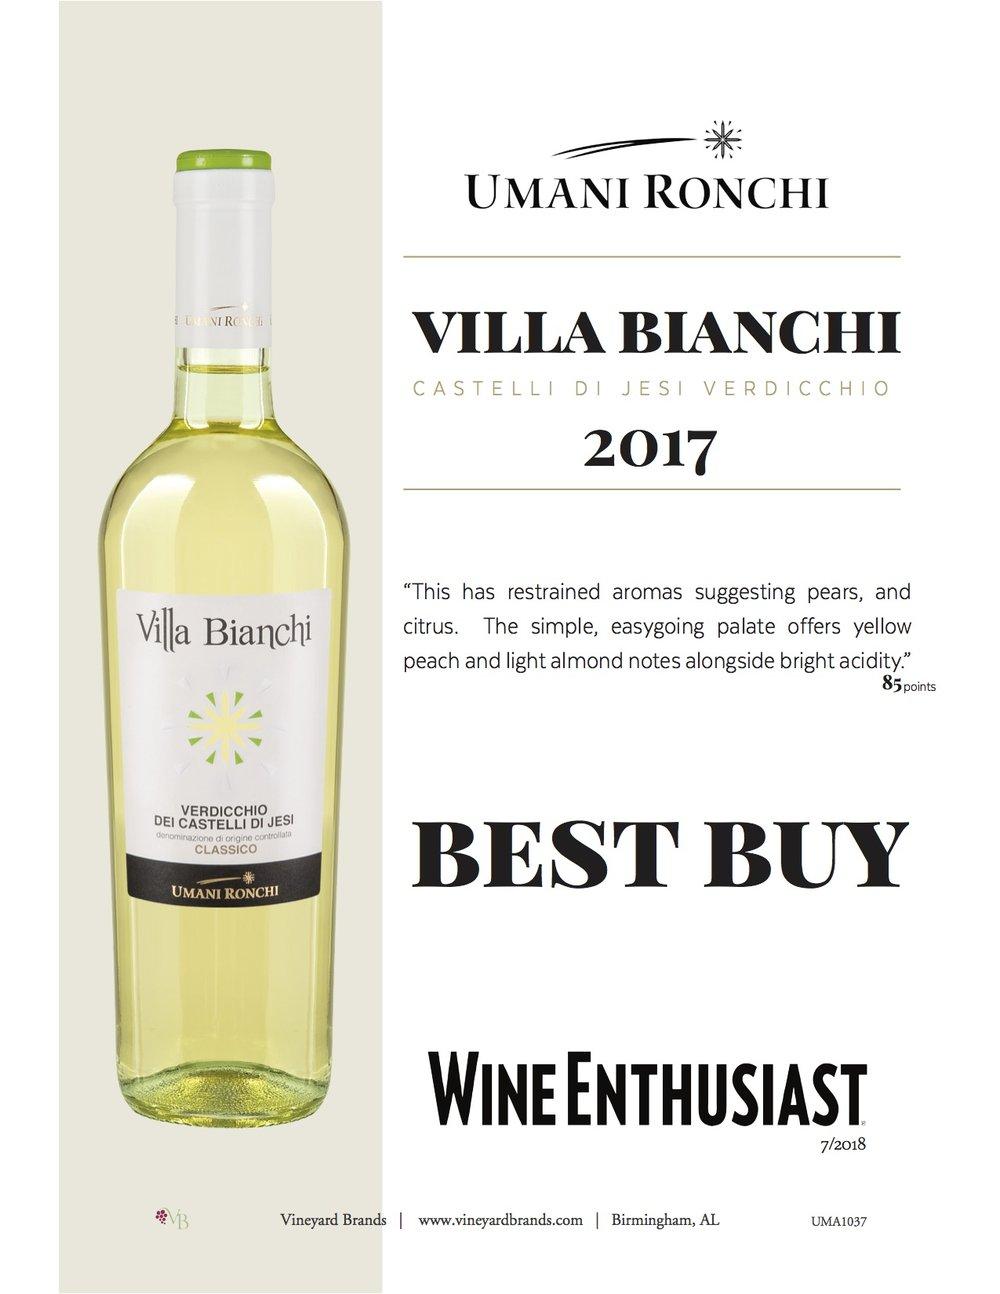 Umani Ronchi Villa Bianchi 2017.jpg